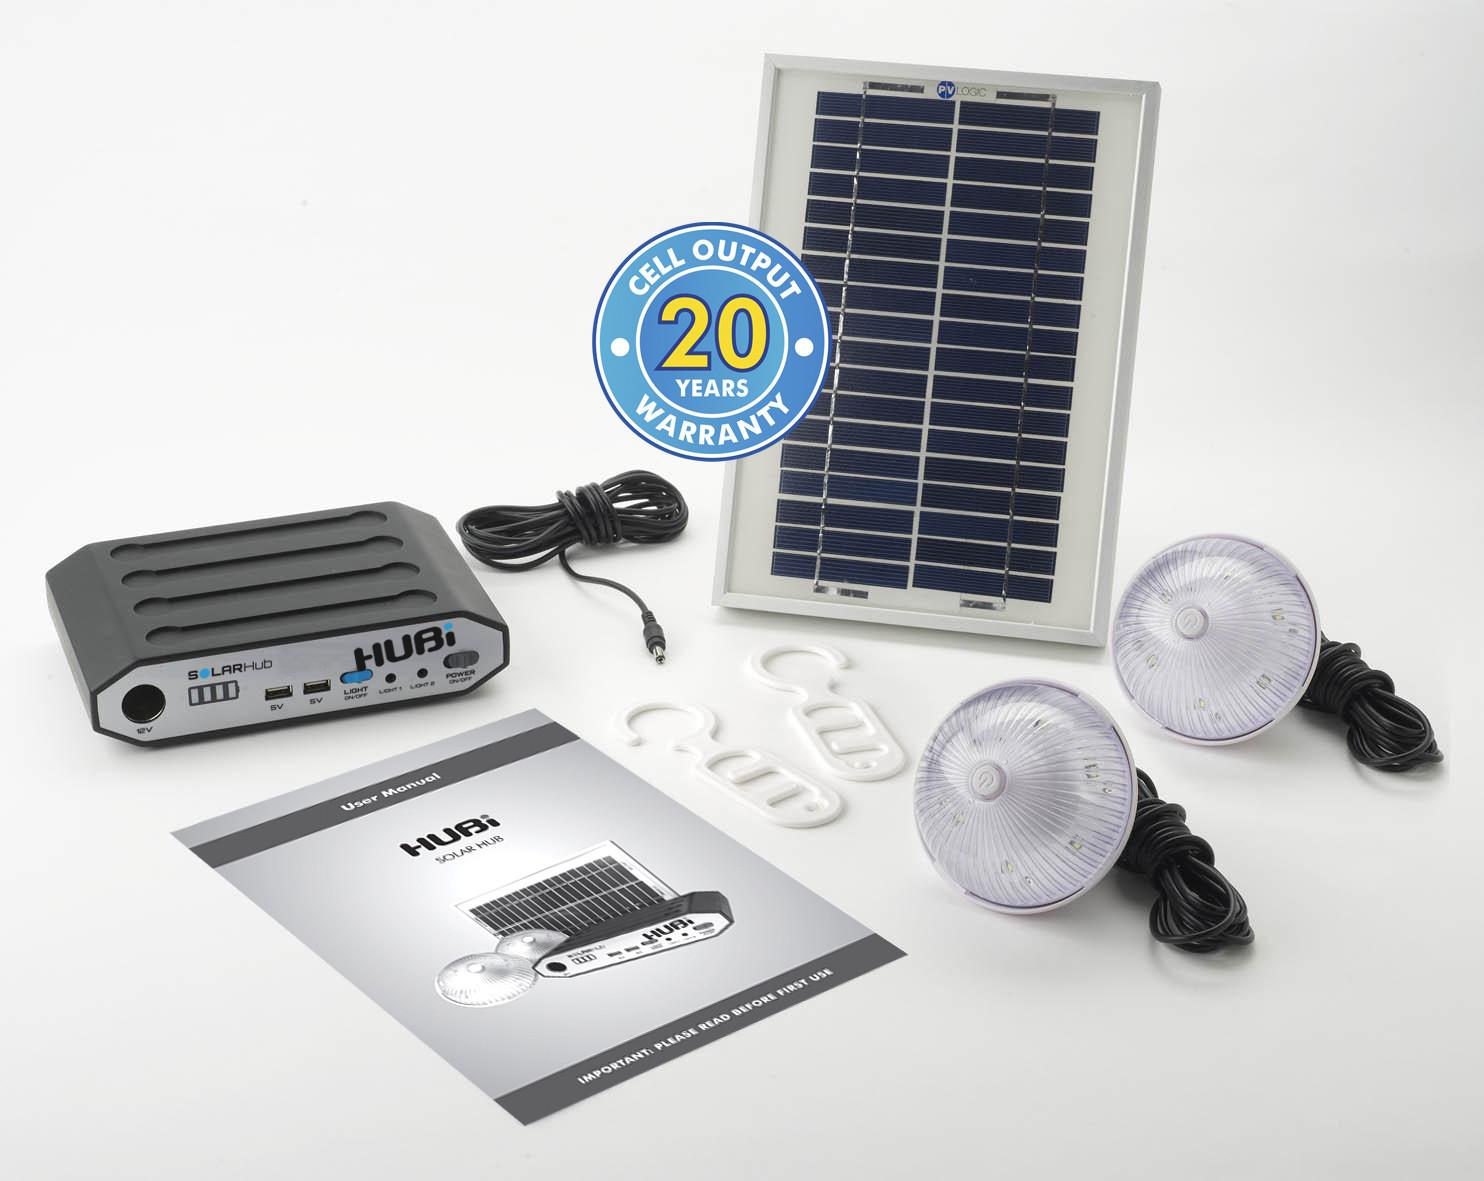 Solar Hubi 2K Light and Power Kit